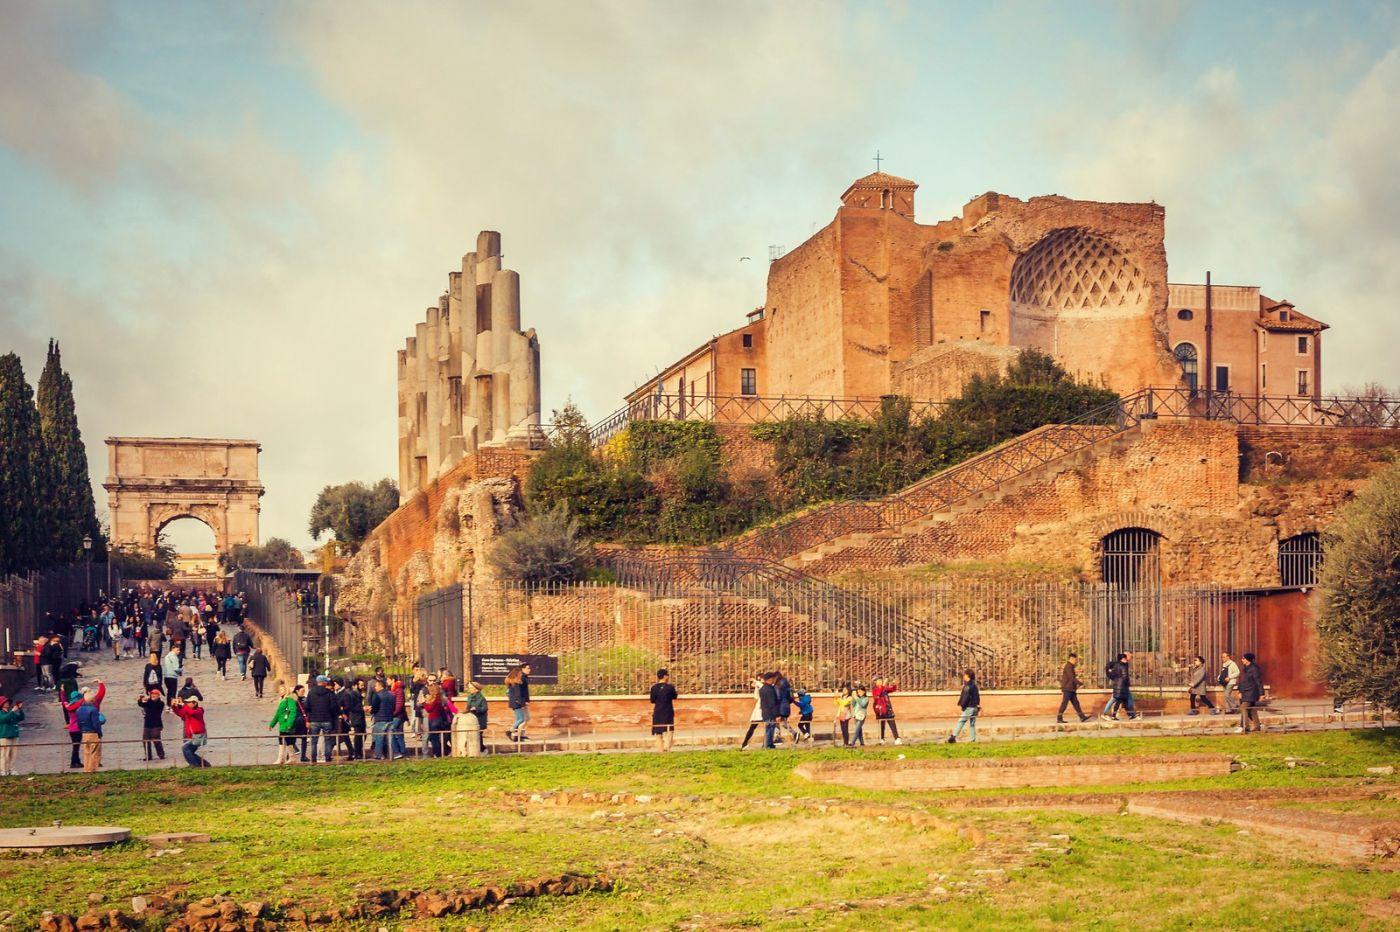 意大利罗马论坛,很敬佩_图1-3